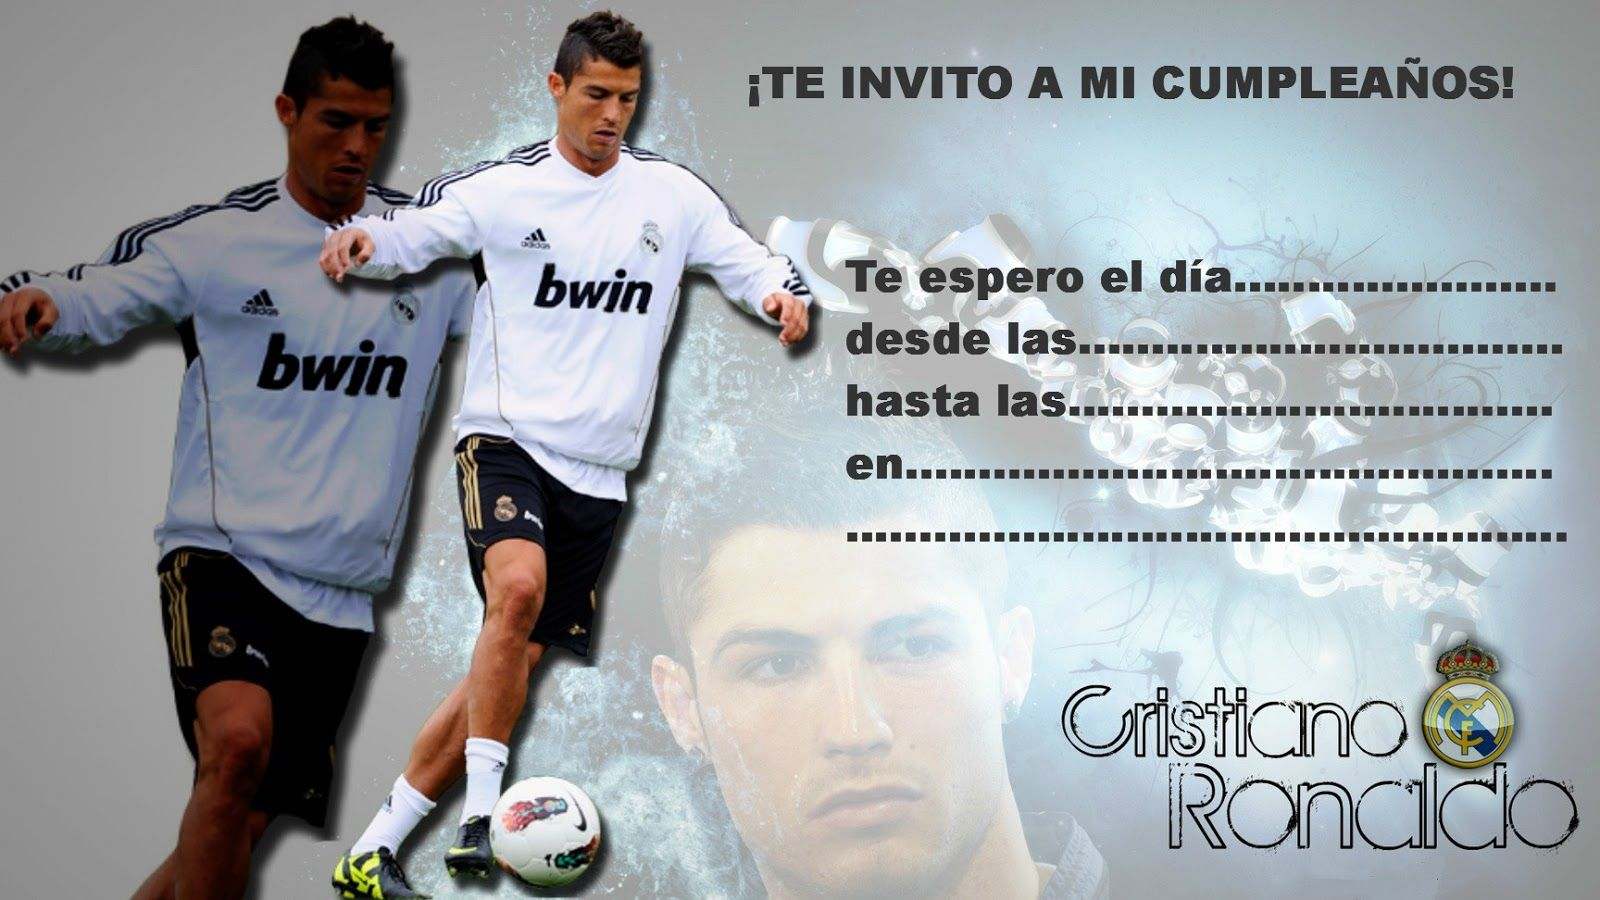 Invitaciones Para Cumpleaños De Cristiano Ronaldo